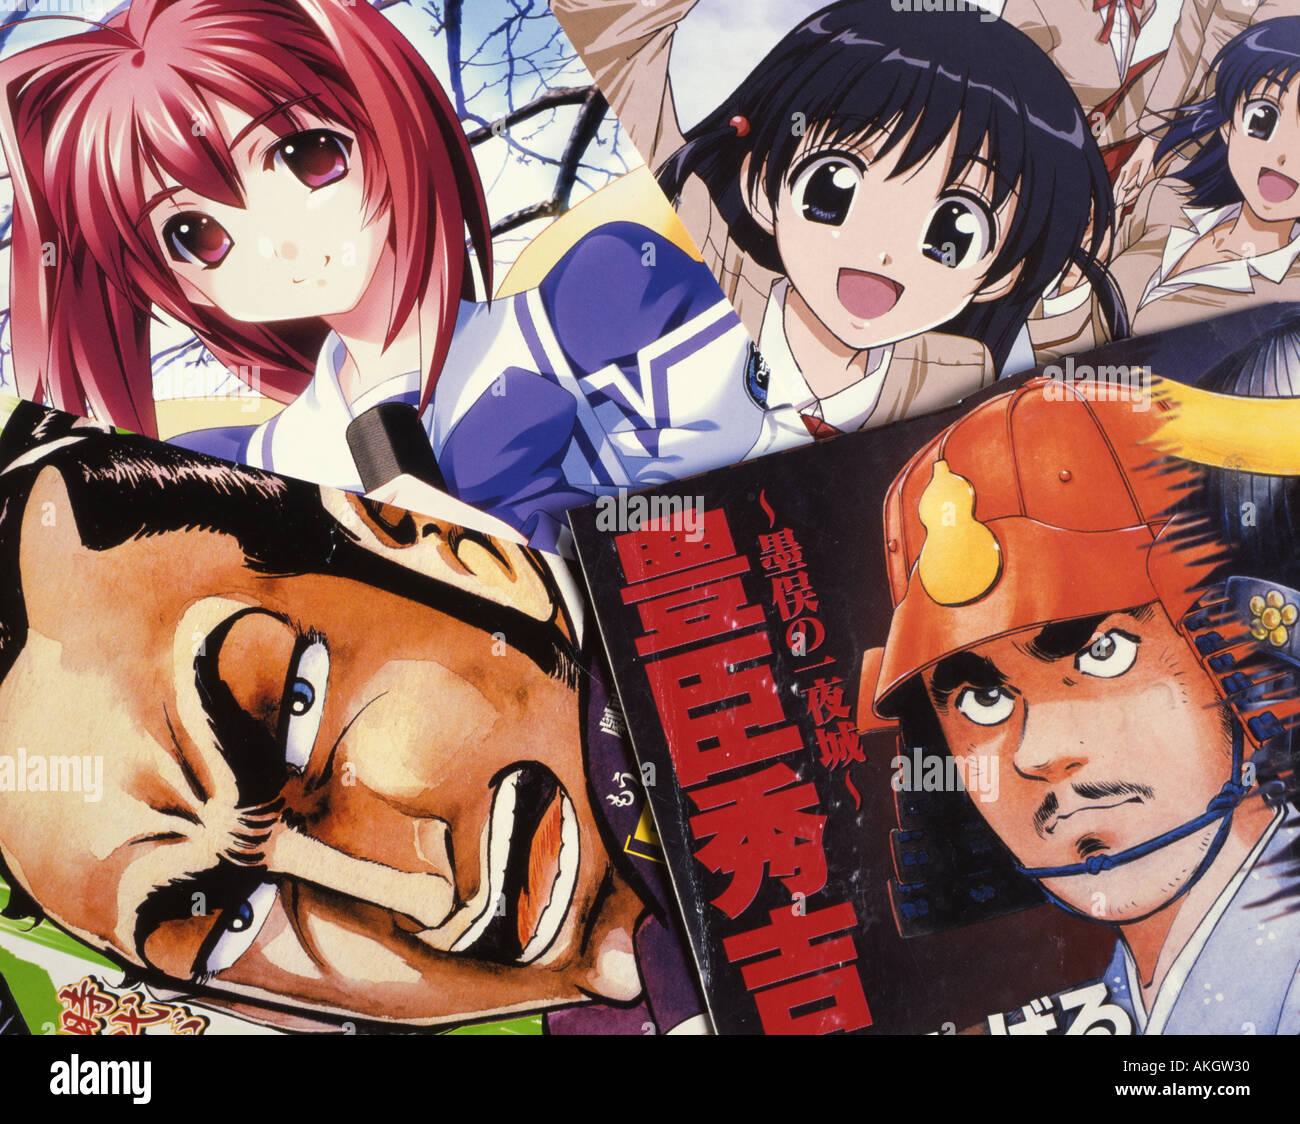 Japanische Anime Comics sind mit einem großen Teil der Menschen in Japan beliebt Stockbild